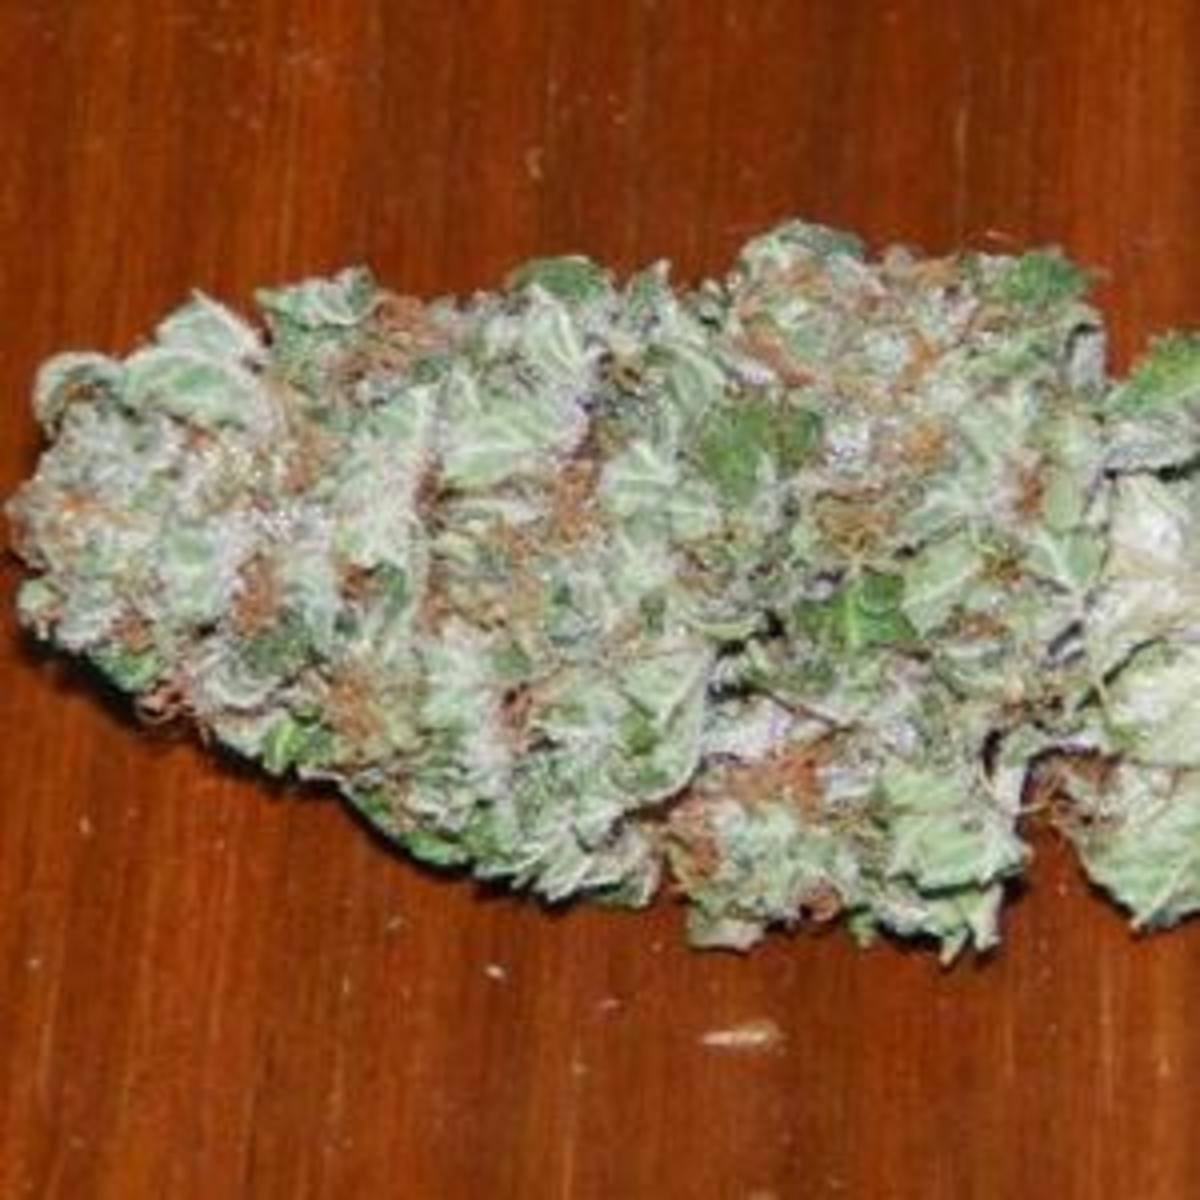 pineapple kush marijuana strain